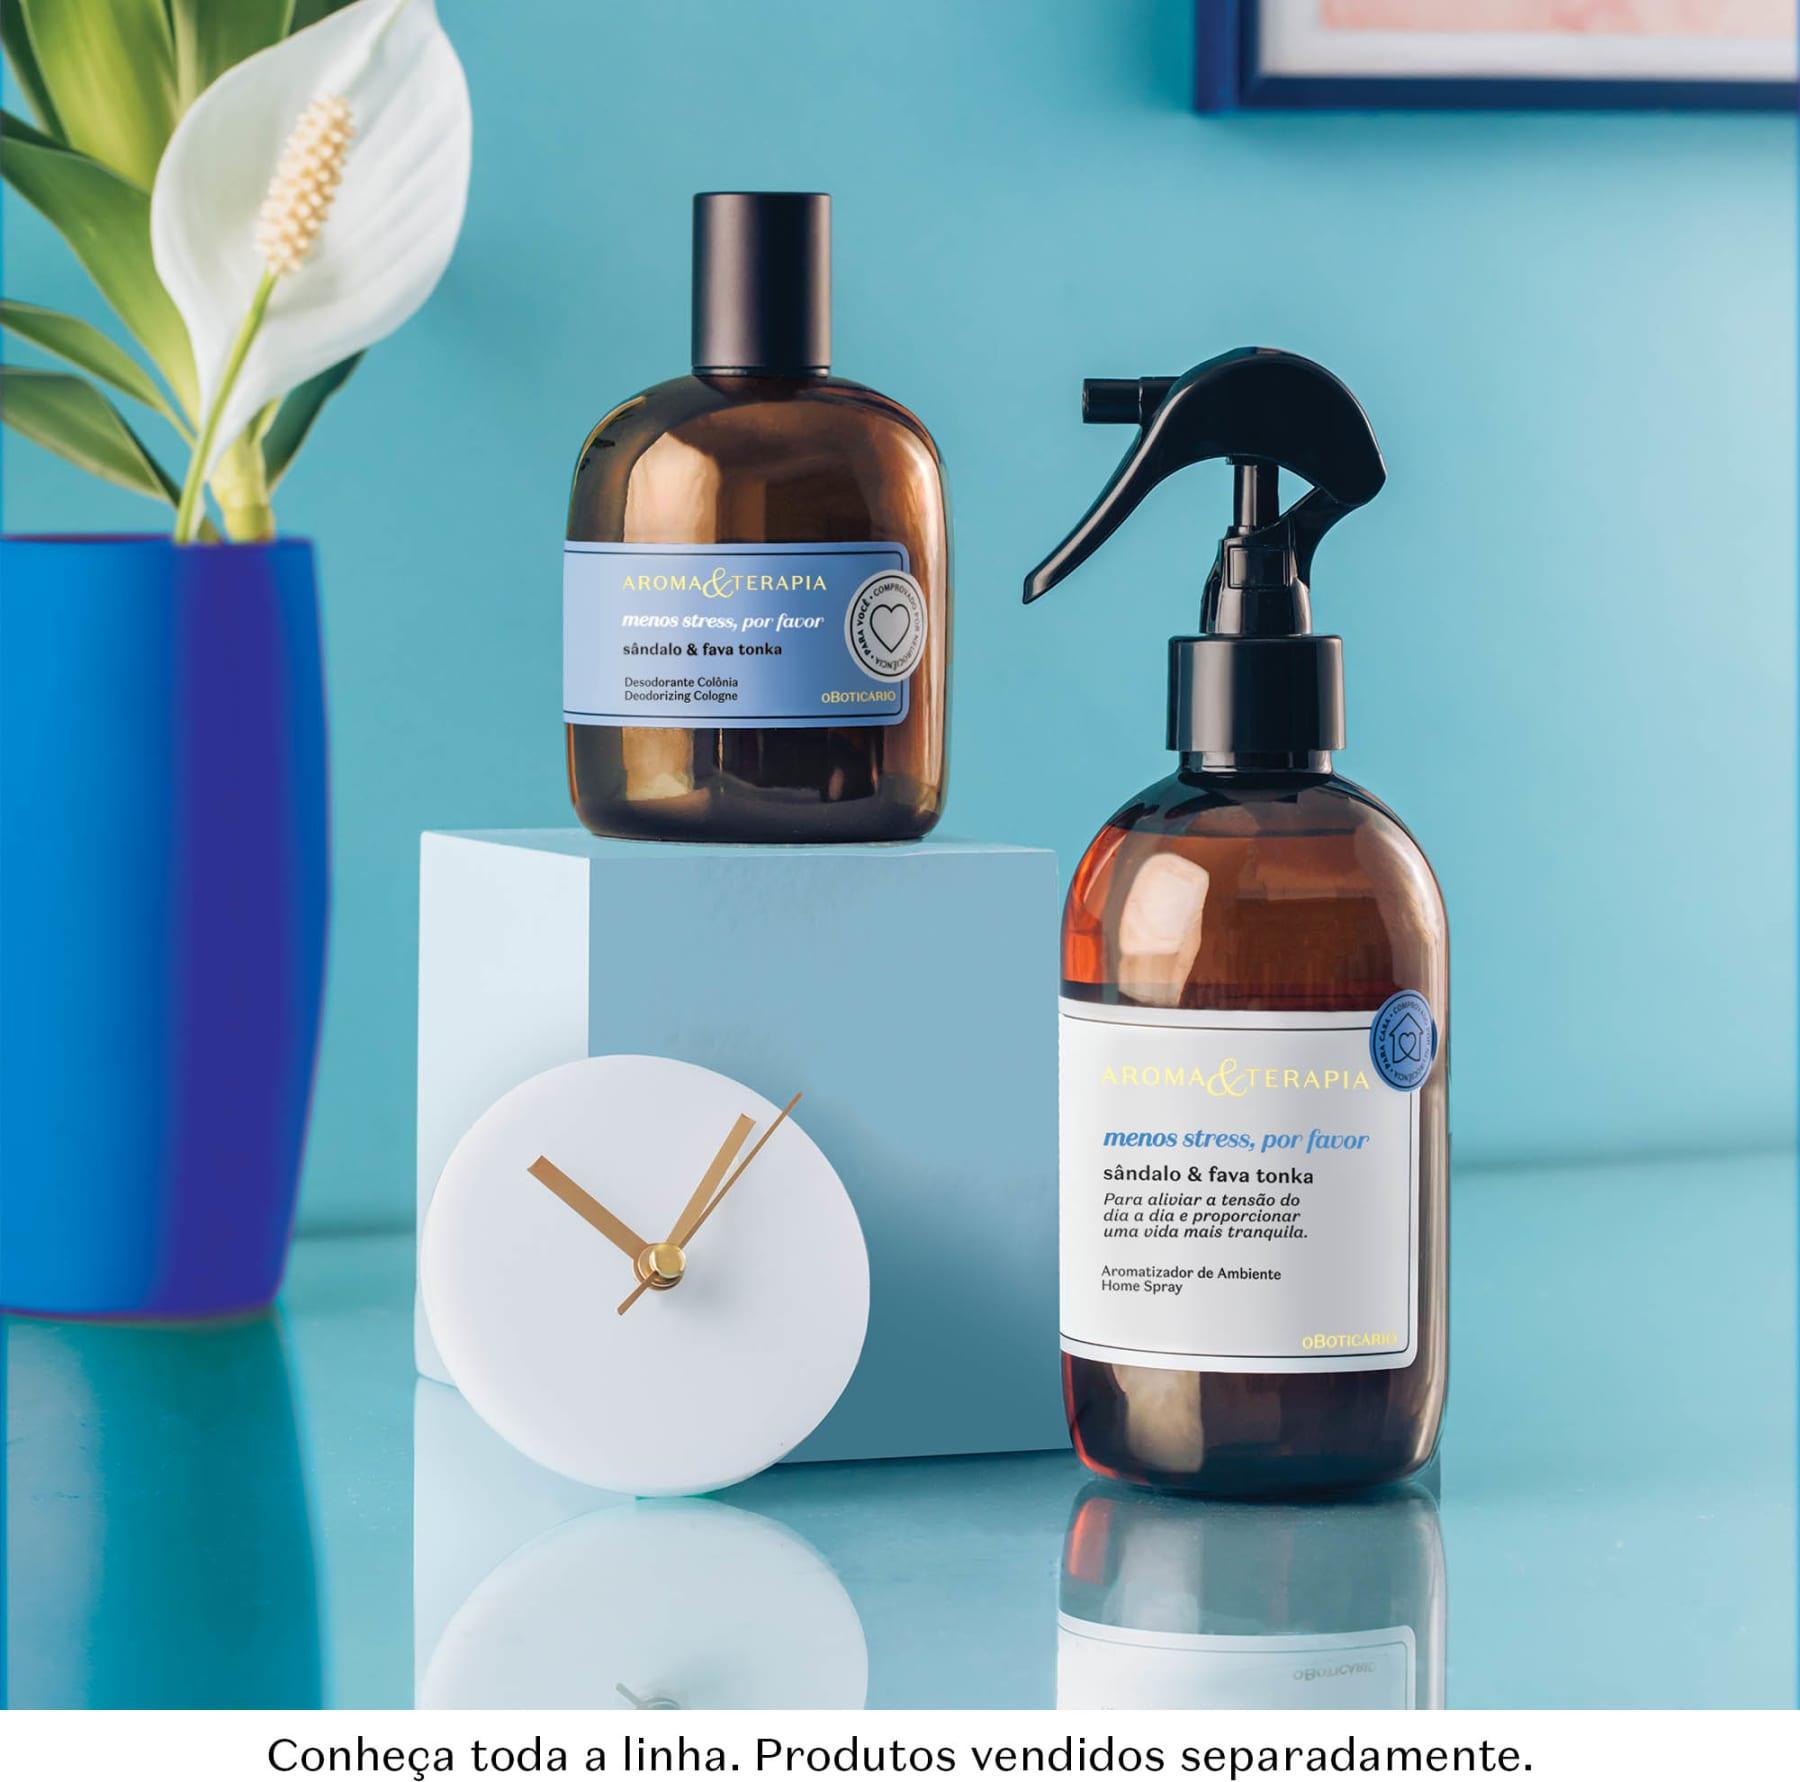 Aroma e Terapia Menos Stress, Por Favor Desodorante Colônia | O Boticário